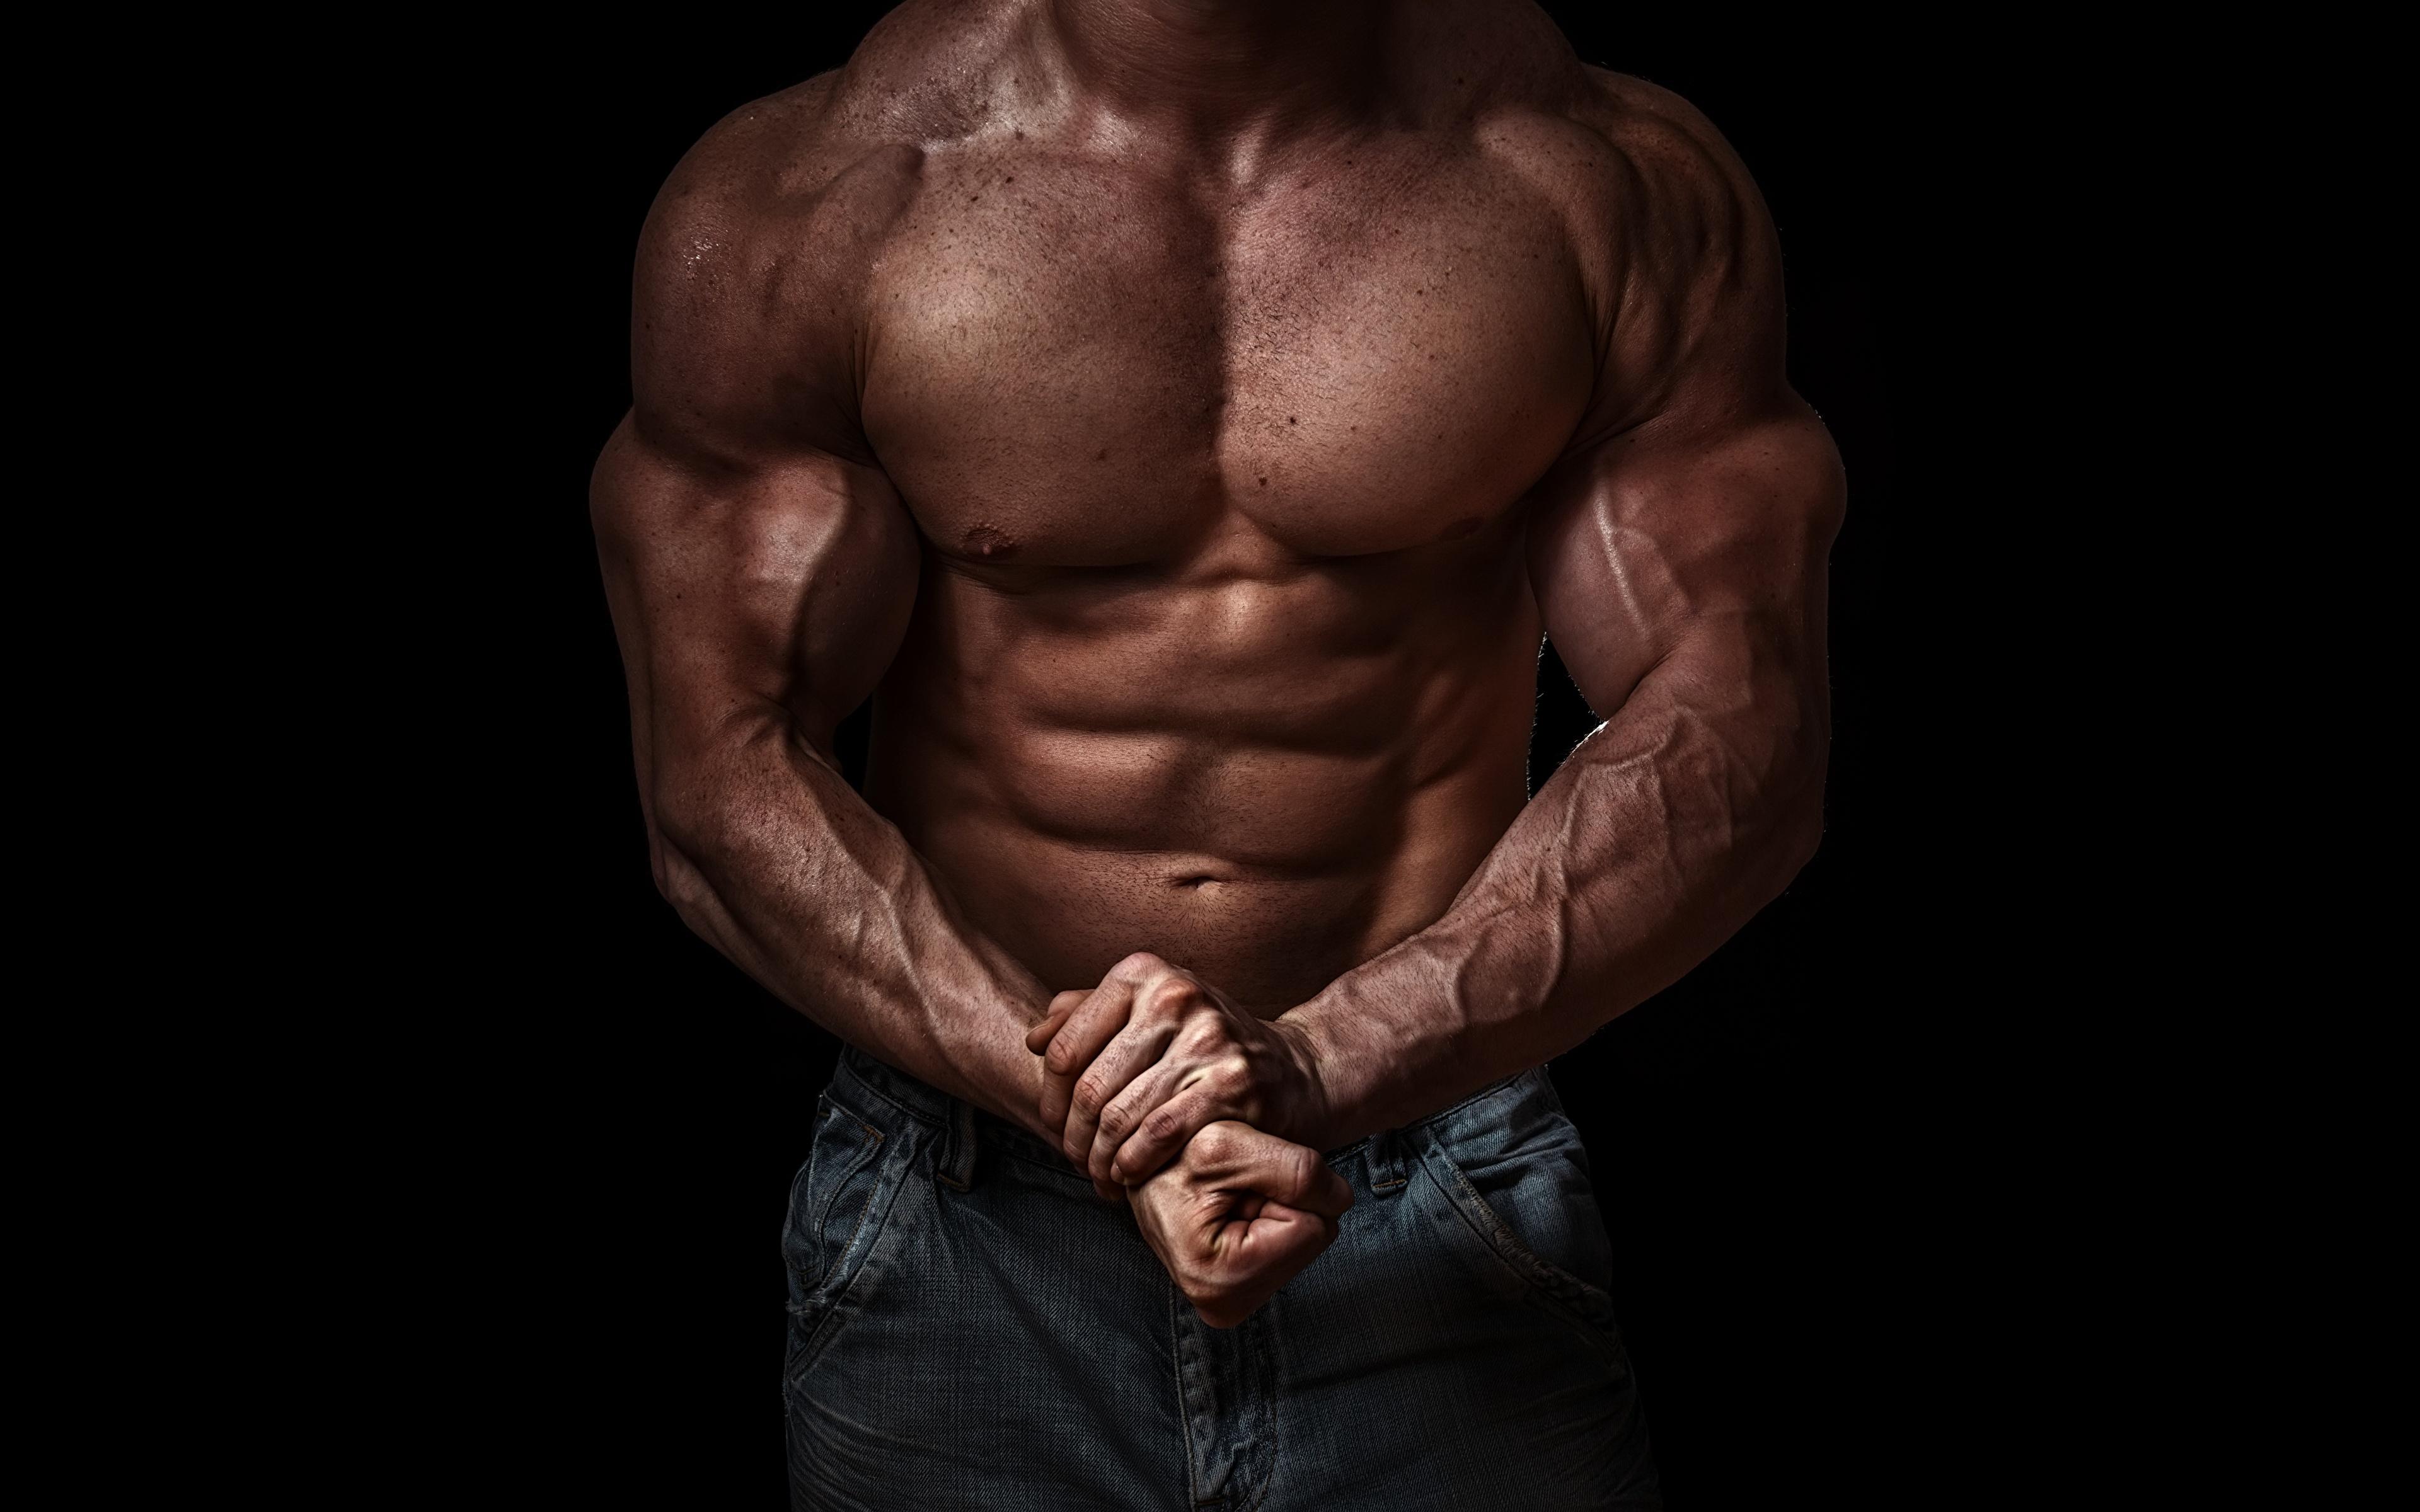 Обои для рабочего стола Мышцы спортивная Бодибилдинг рука Живот на черном фоне 3840x2400 мускулы Спорт спортивный спортивные Руки живота Черный фон